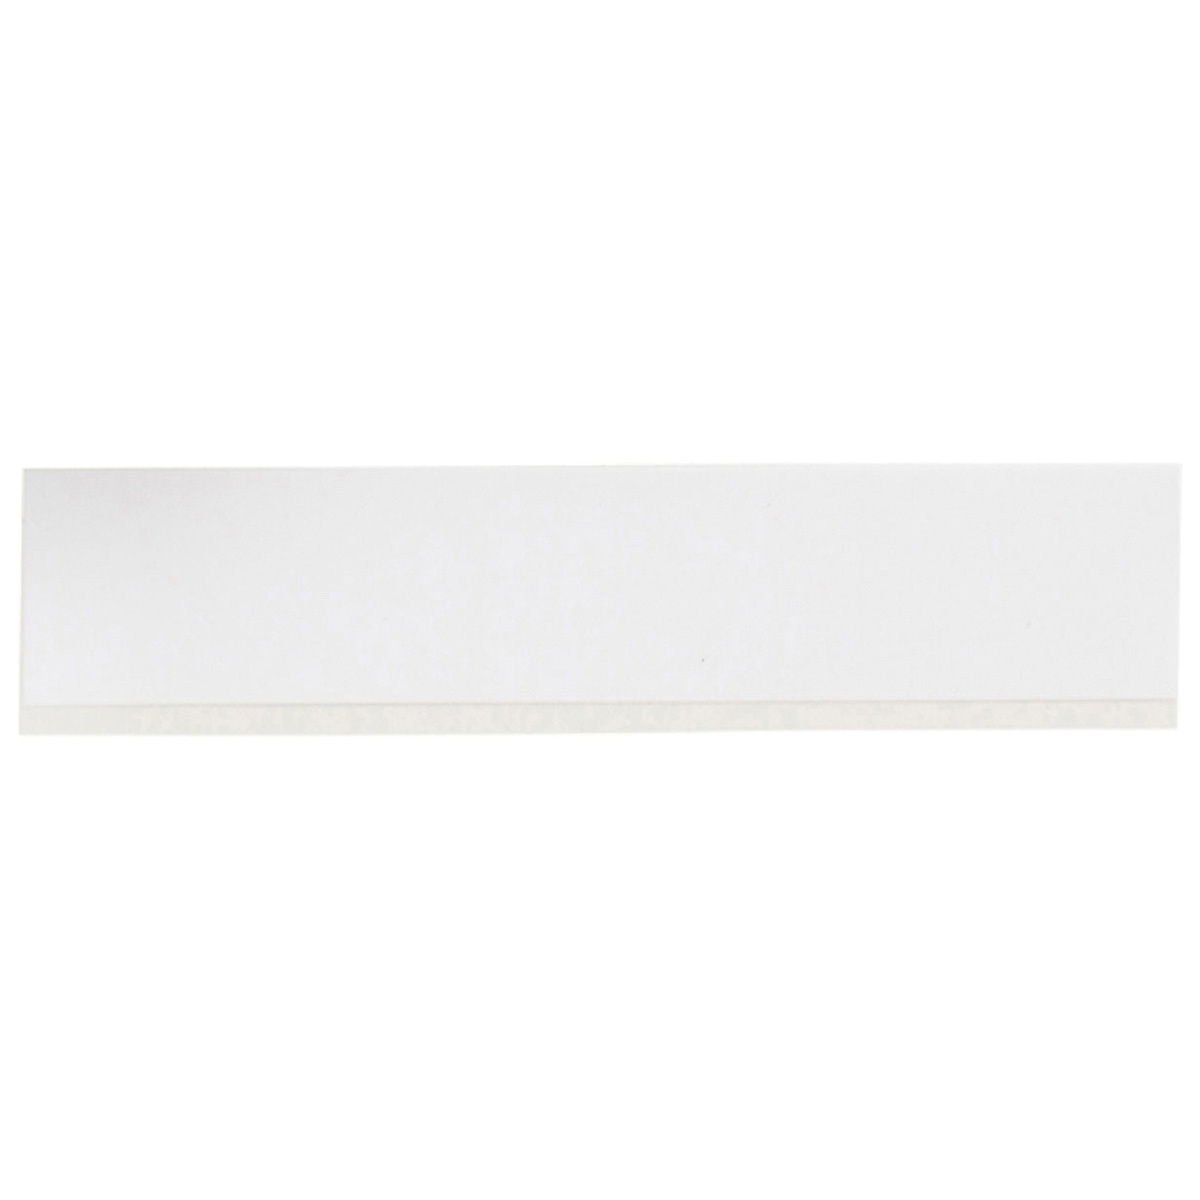 Brady M21-750-595-WT Vinyl Permanent Acrylic Adhesive Indoor